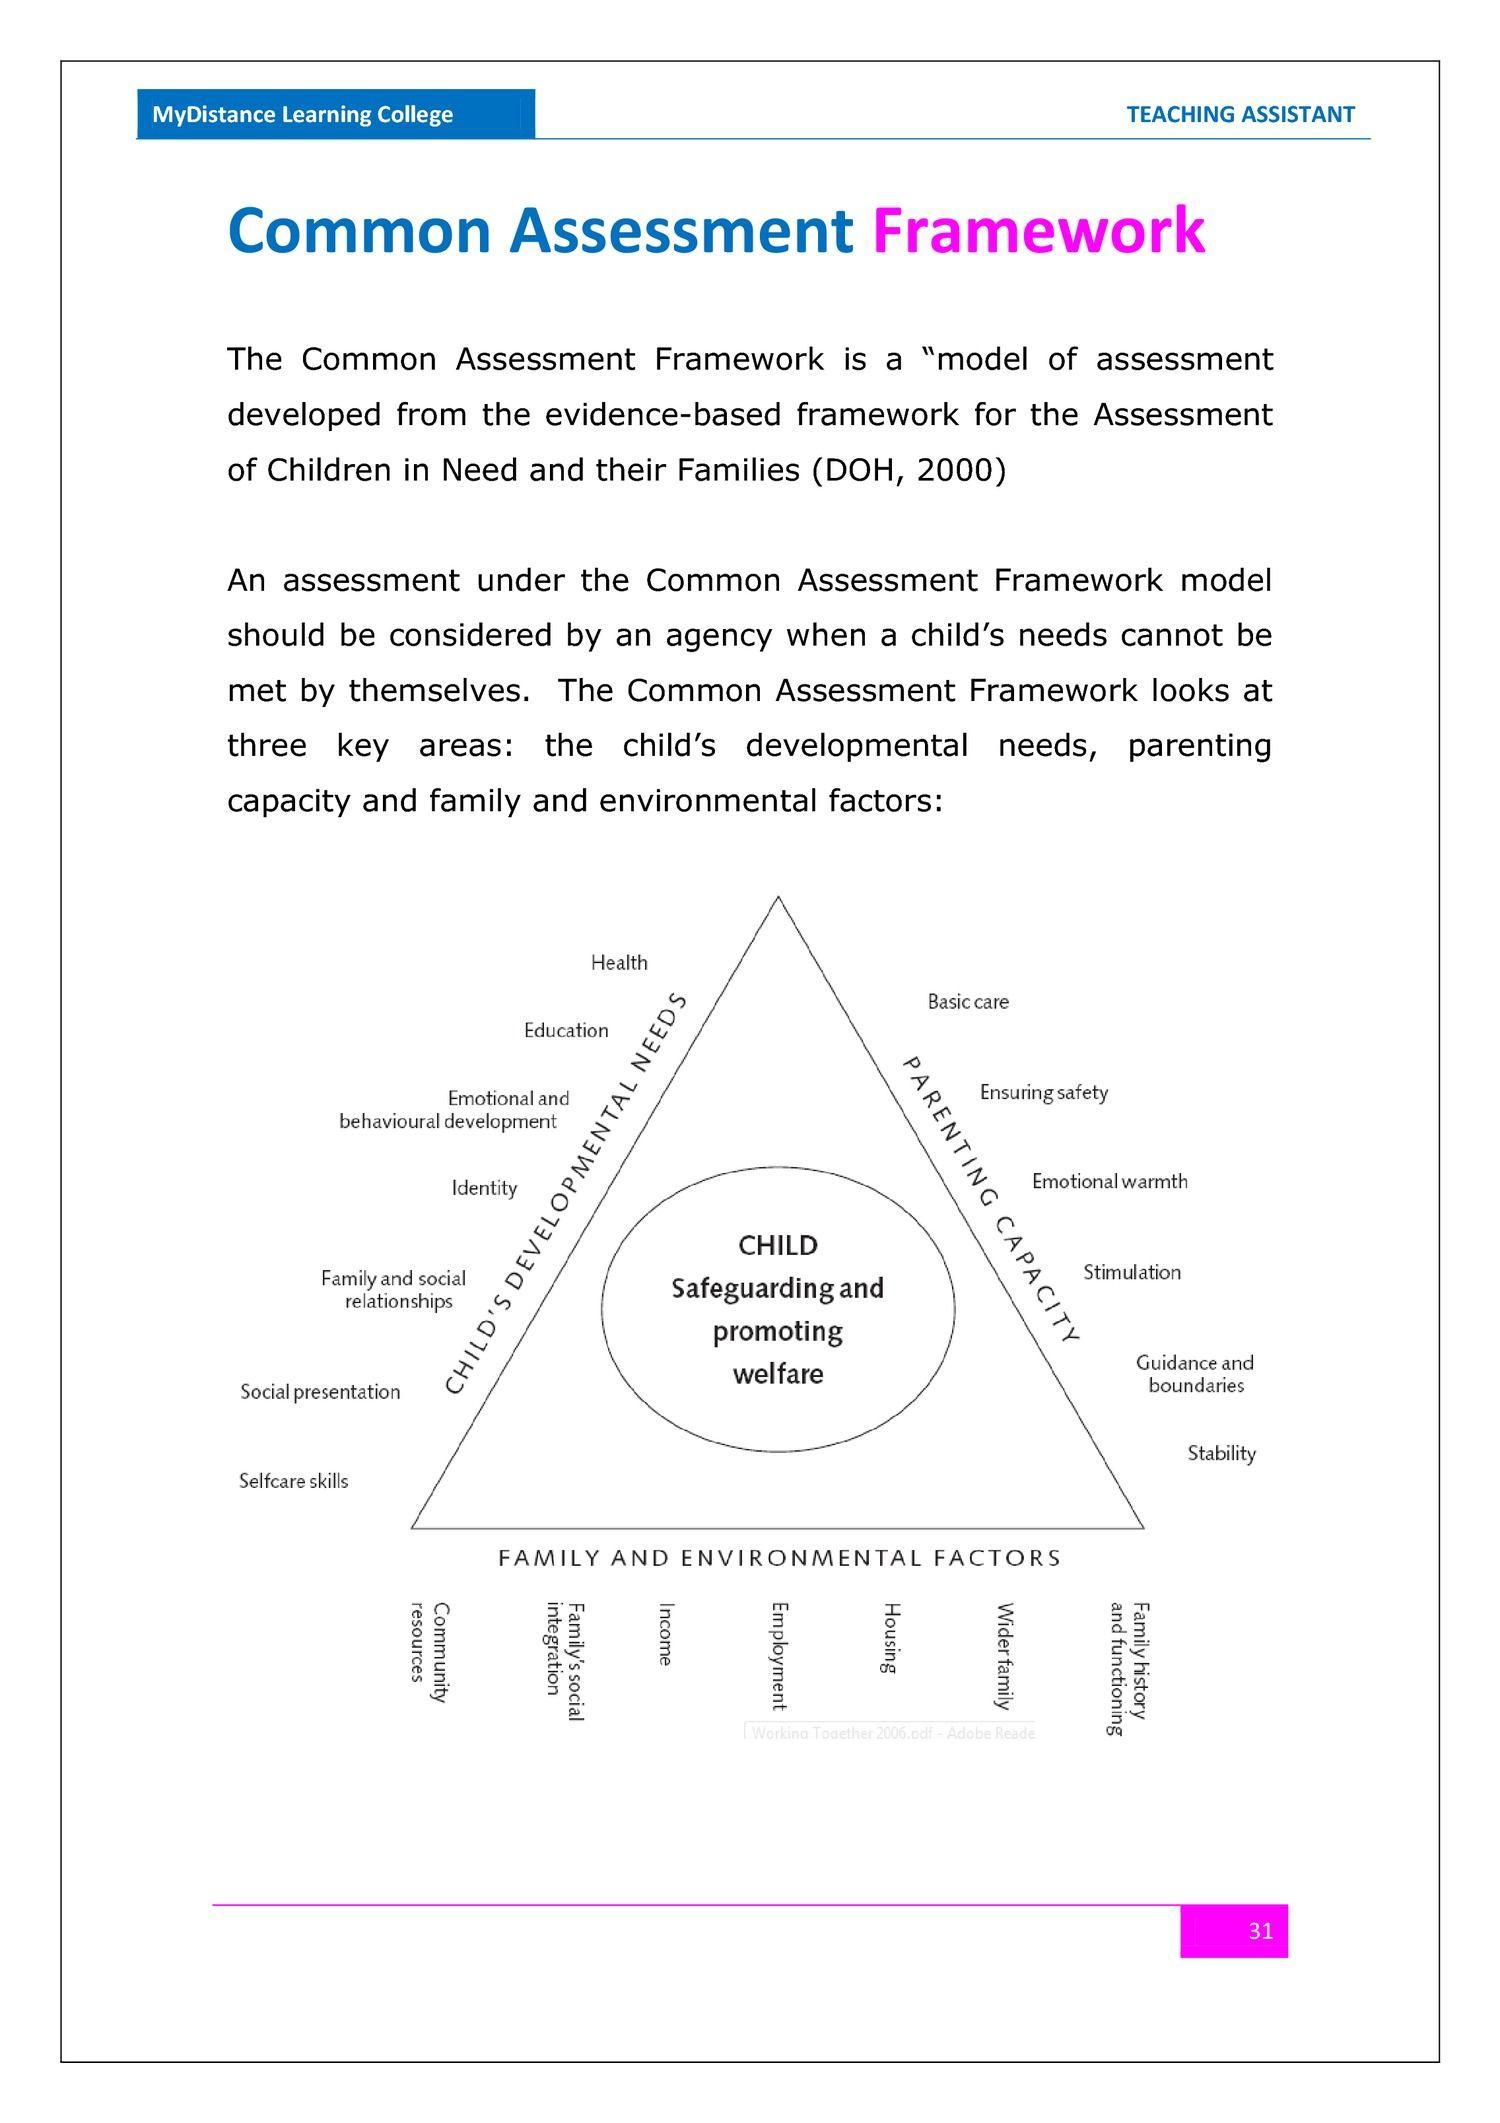 Common Assessment Framework For Assessment Of Children In